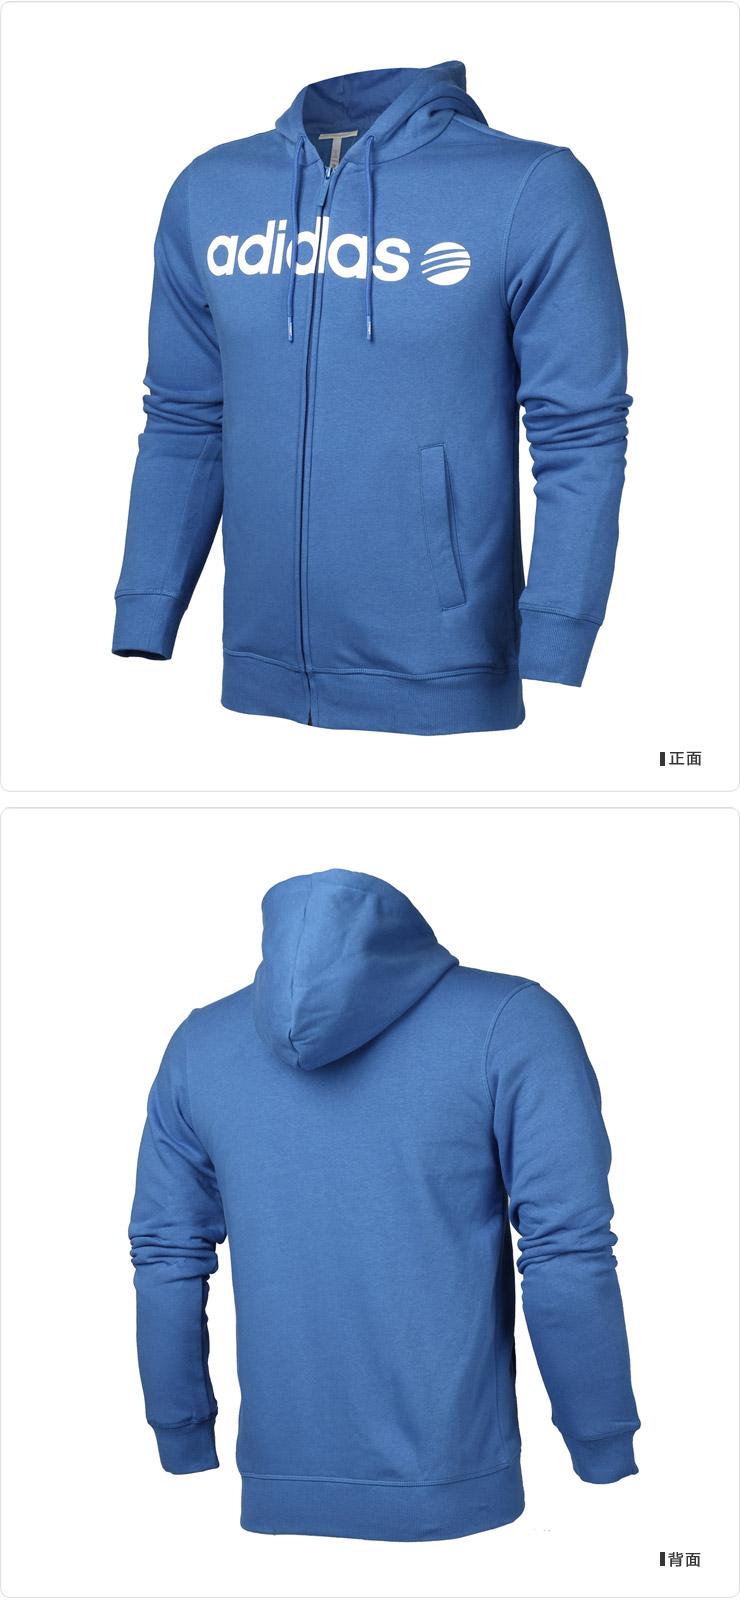 阿迪达斯adidas 2013新款NEO男装外套运动服G77857